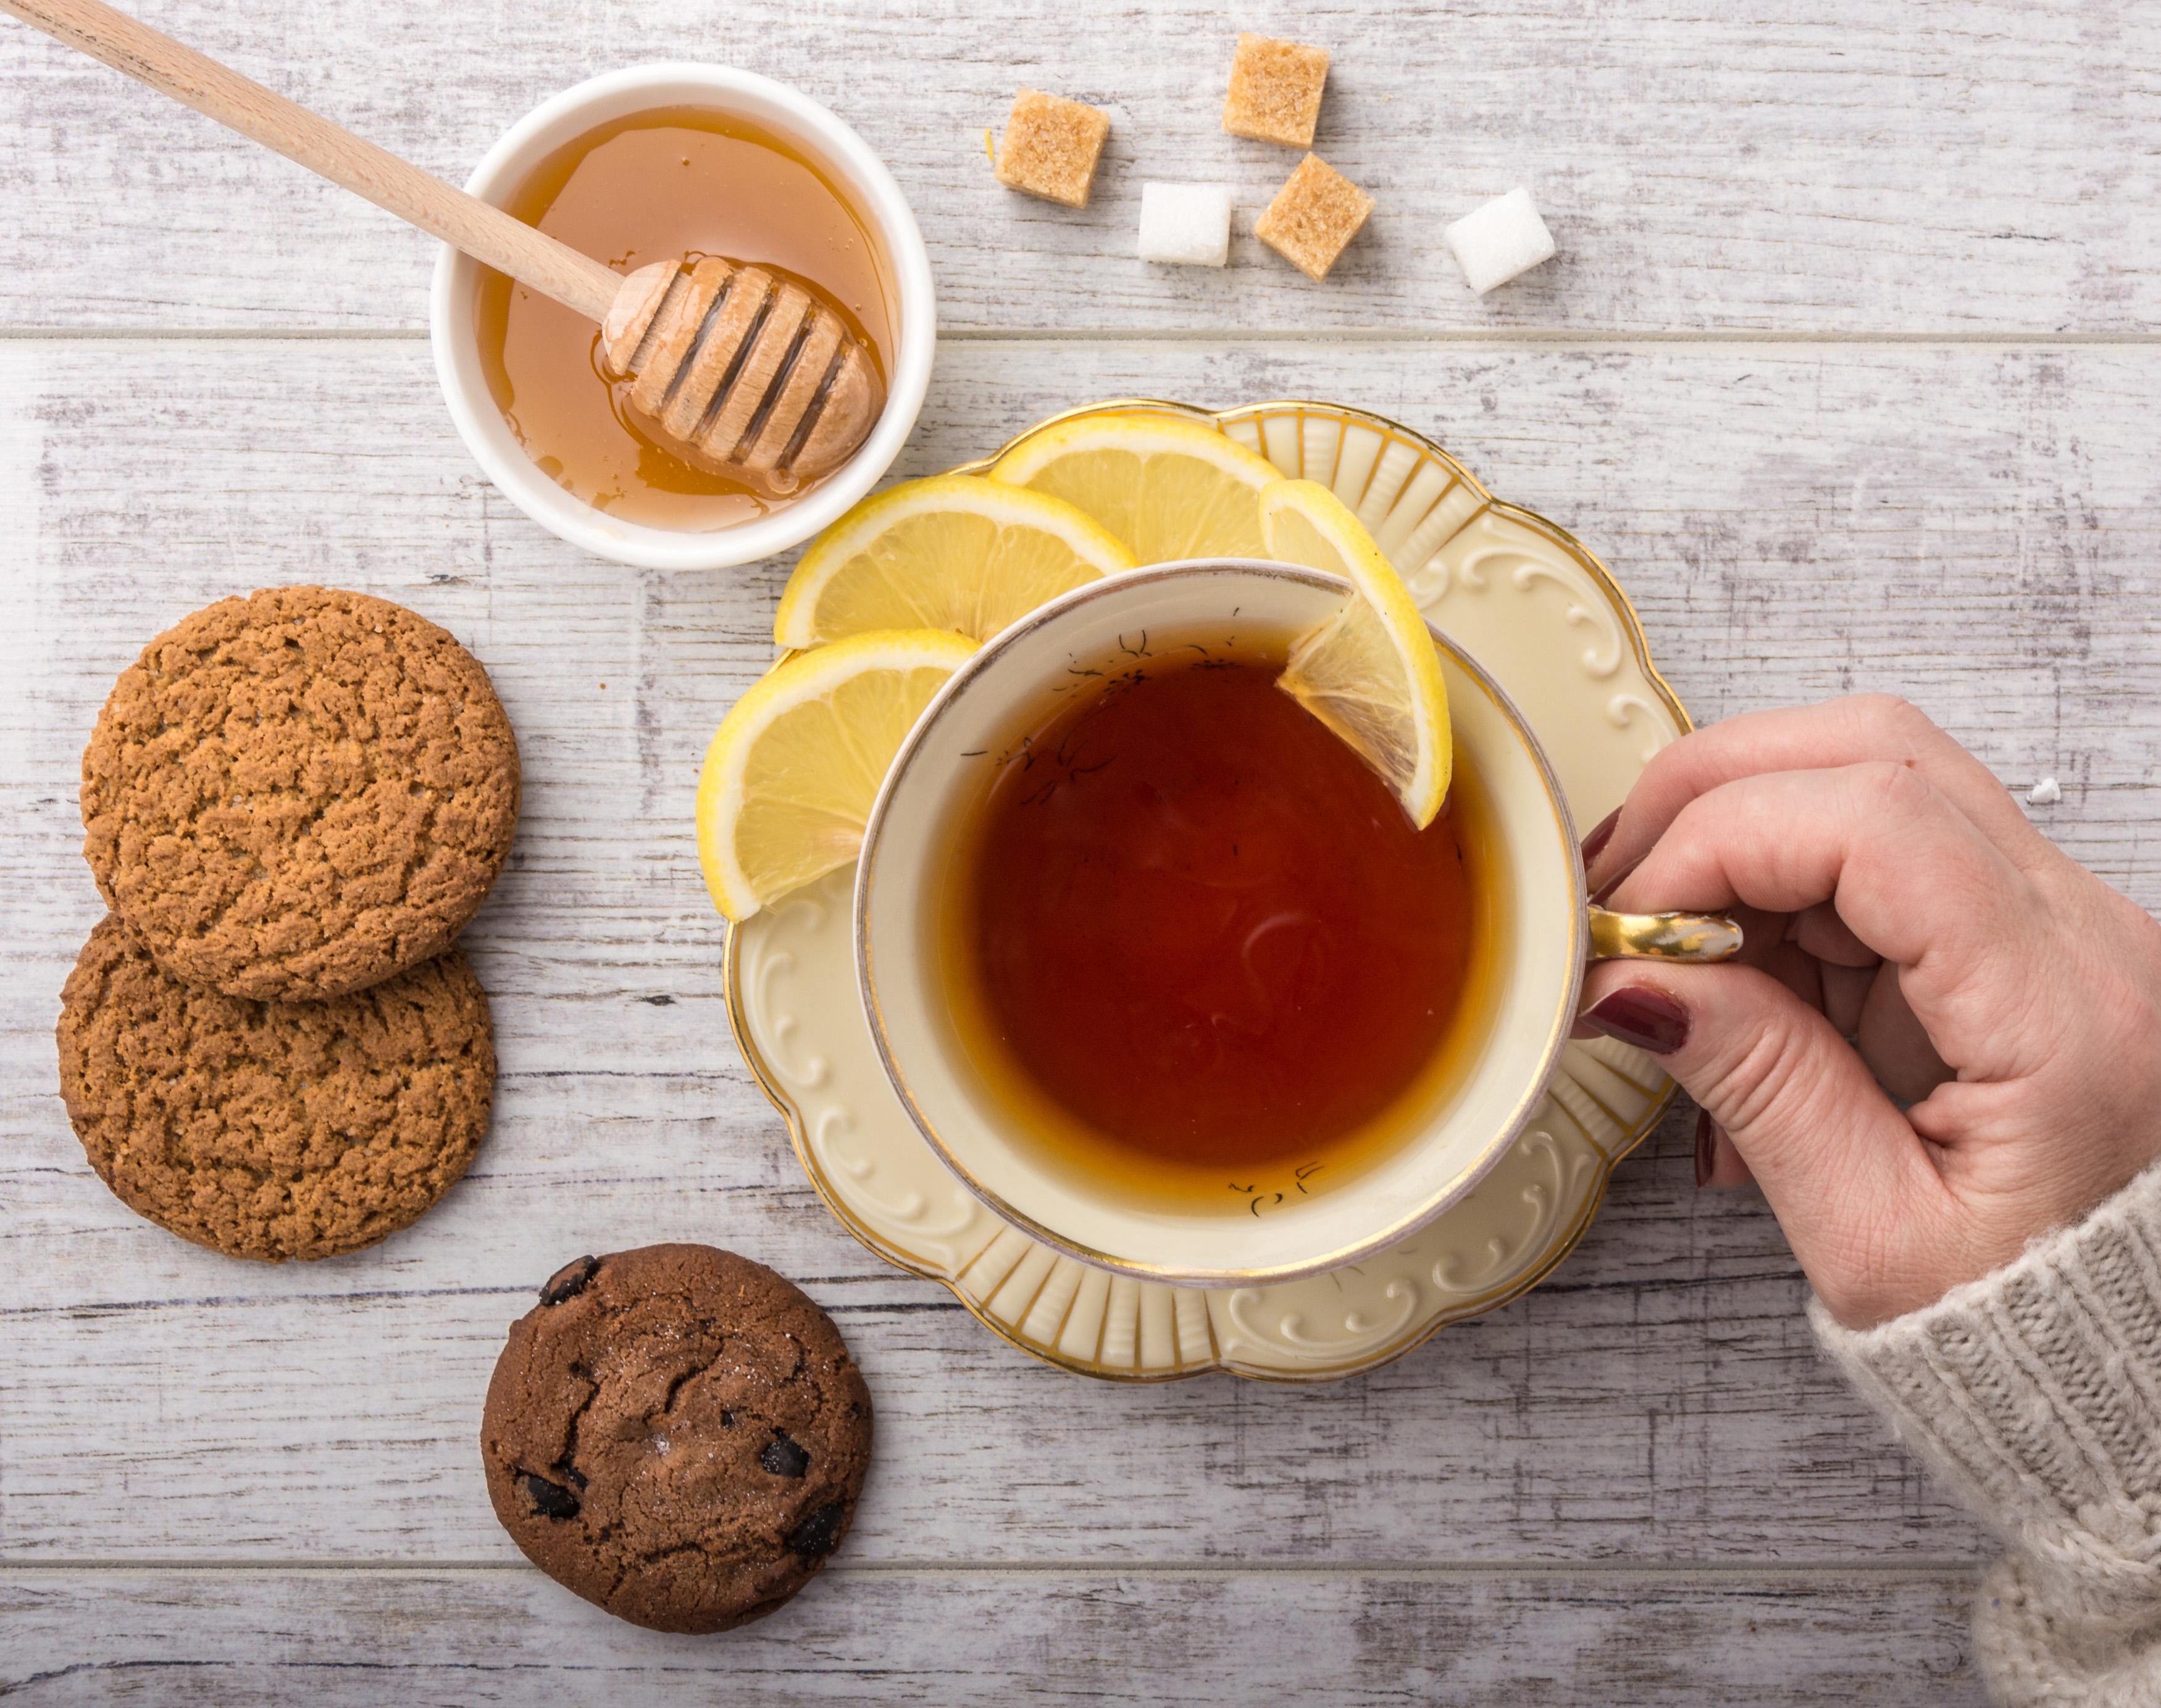 Tasse avec du thé des montagnes, miel, citron et cookies